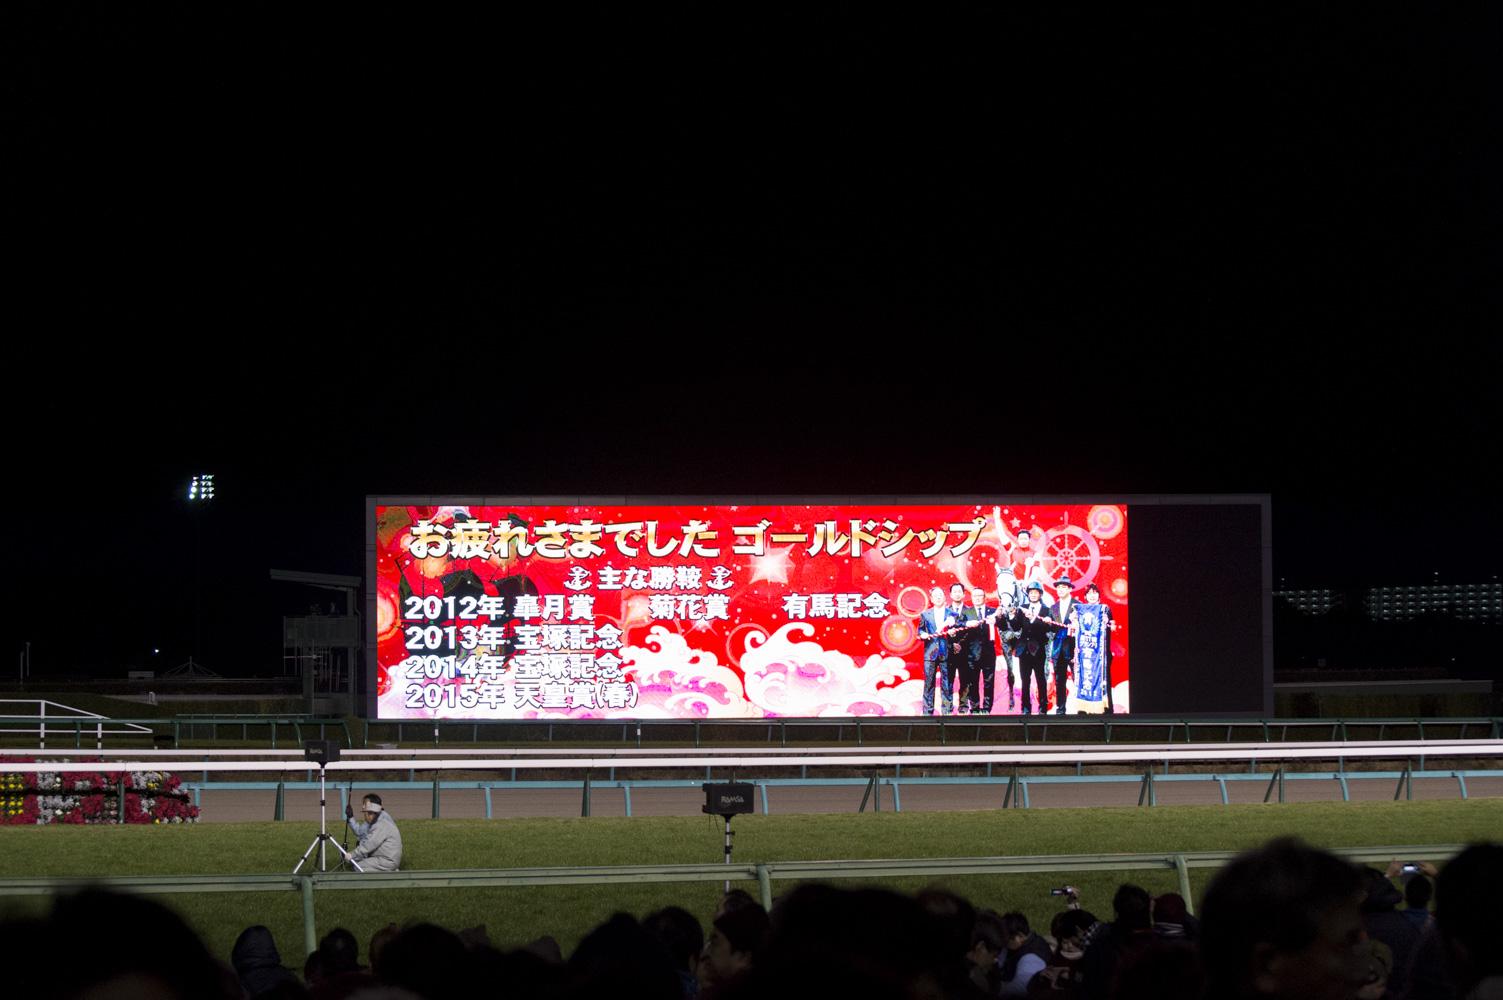 最後におもな戦績が紹介され、多くの競馬ファンを魅了したゴールドシップがレースの舞台に別れを告げました。